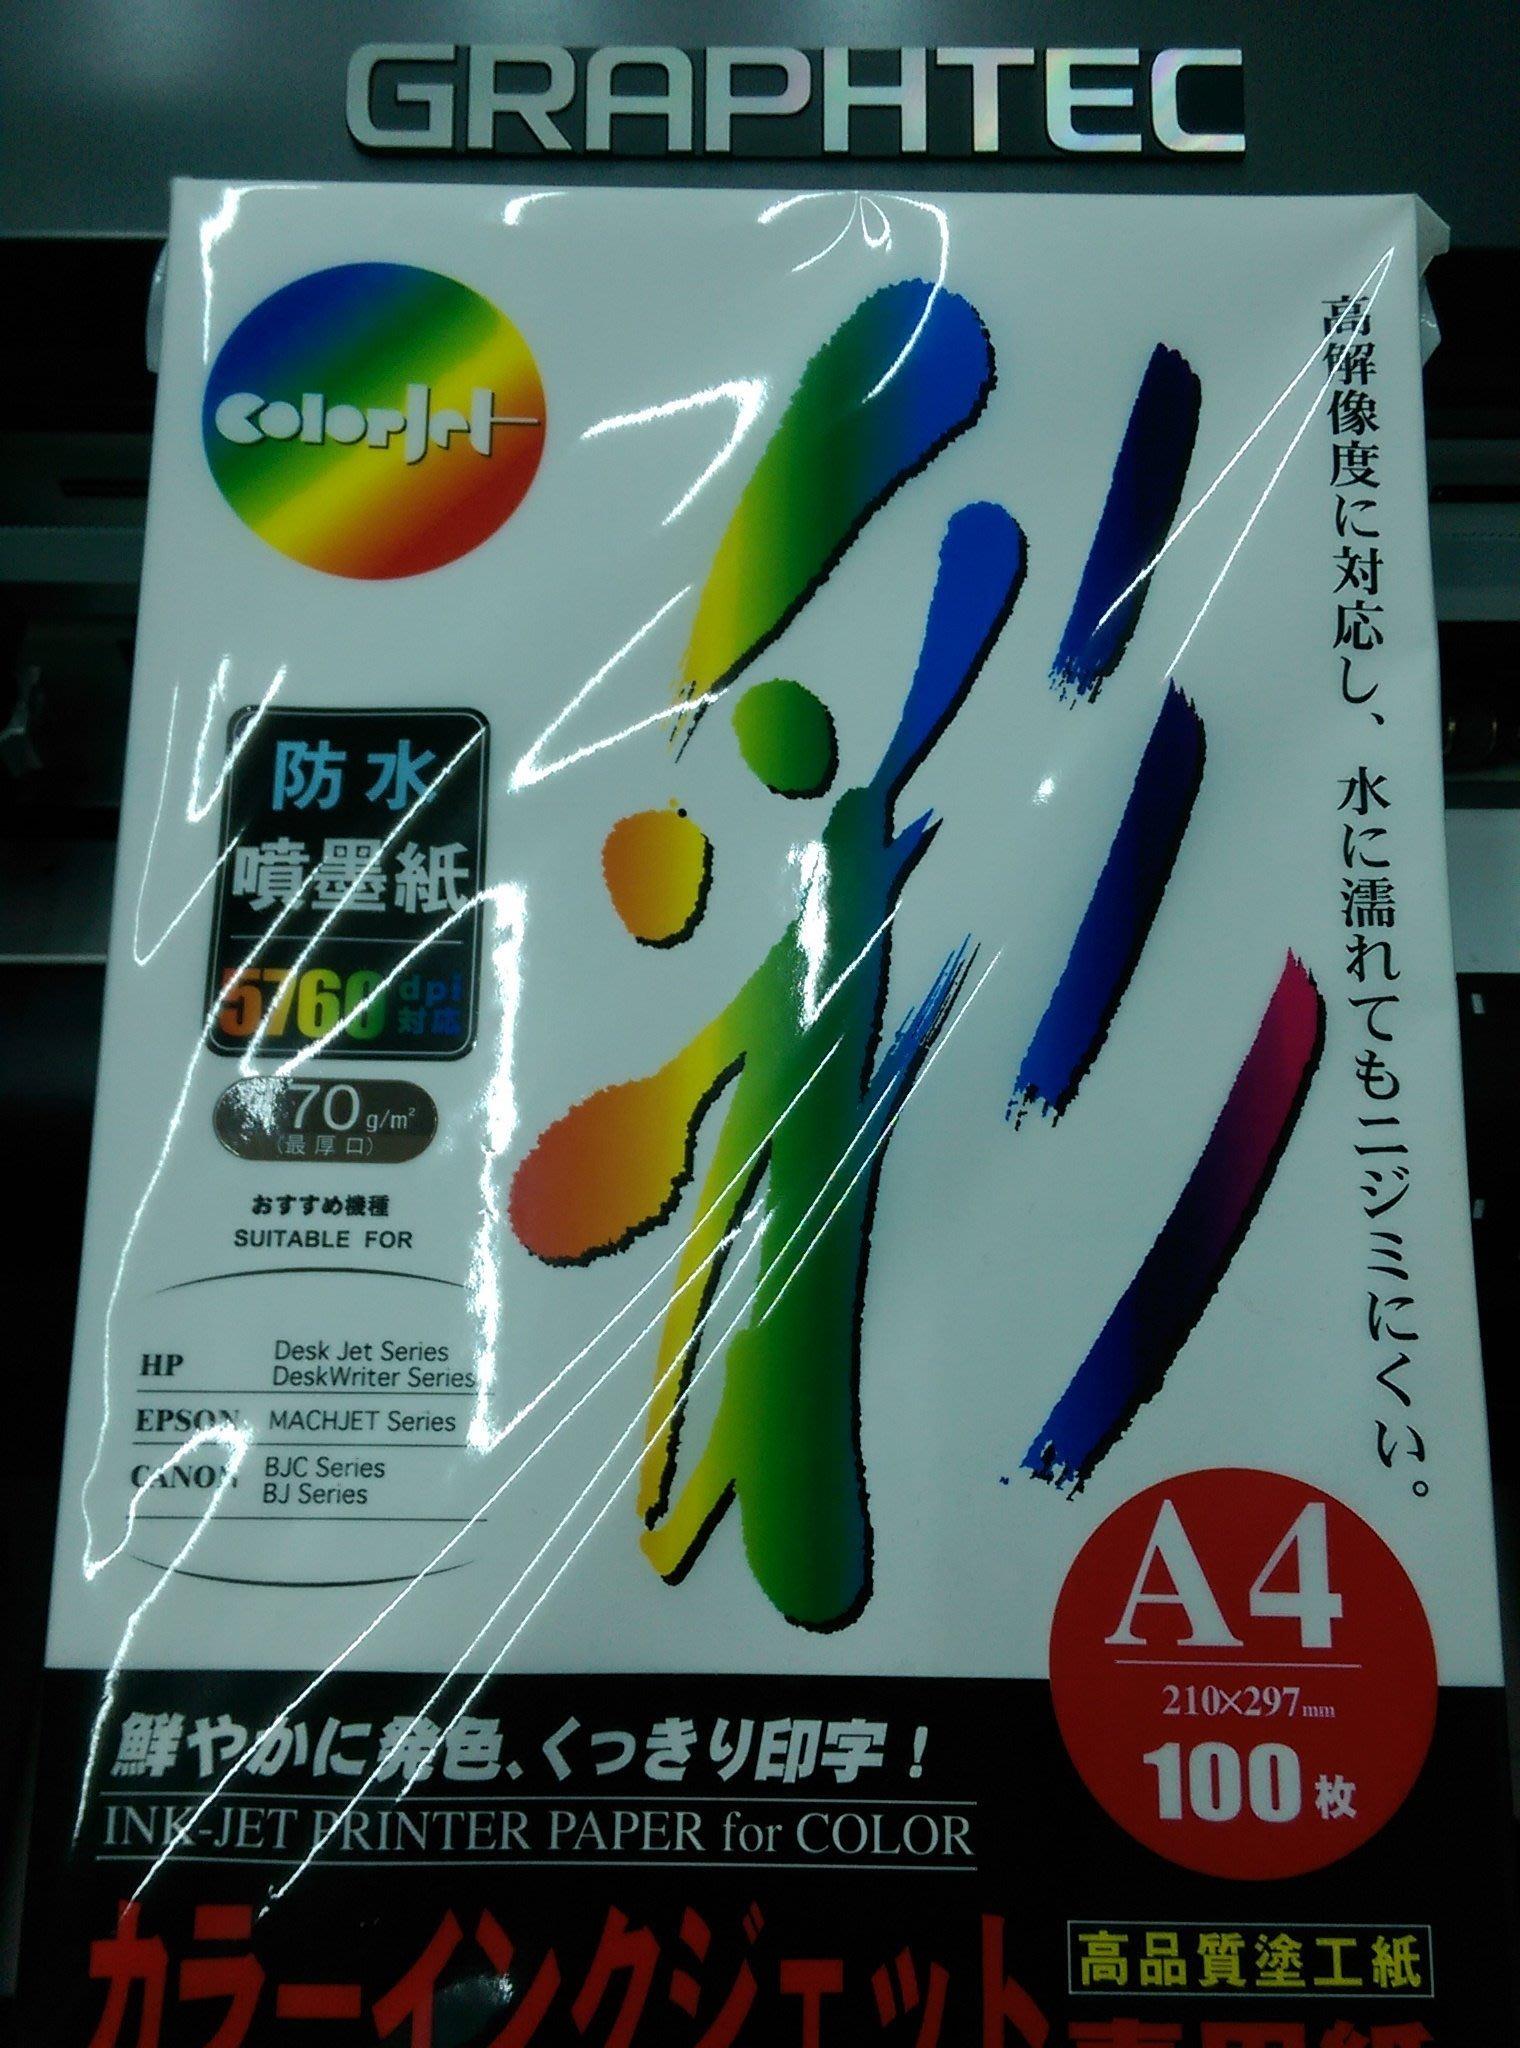 5760dpi防水噴墨紙出清 170g A4 100張290元 HP/EPSON/CANON印表機適用